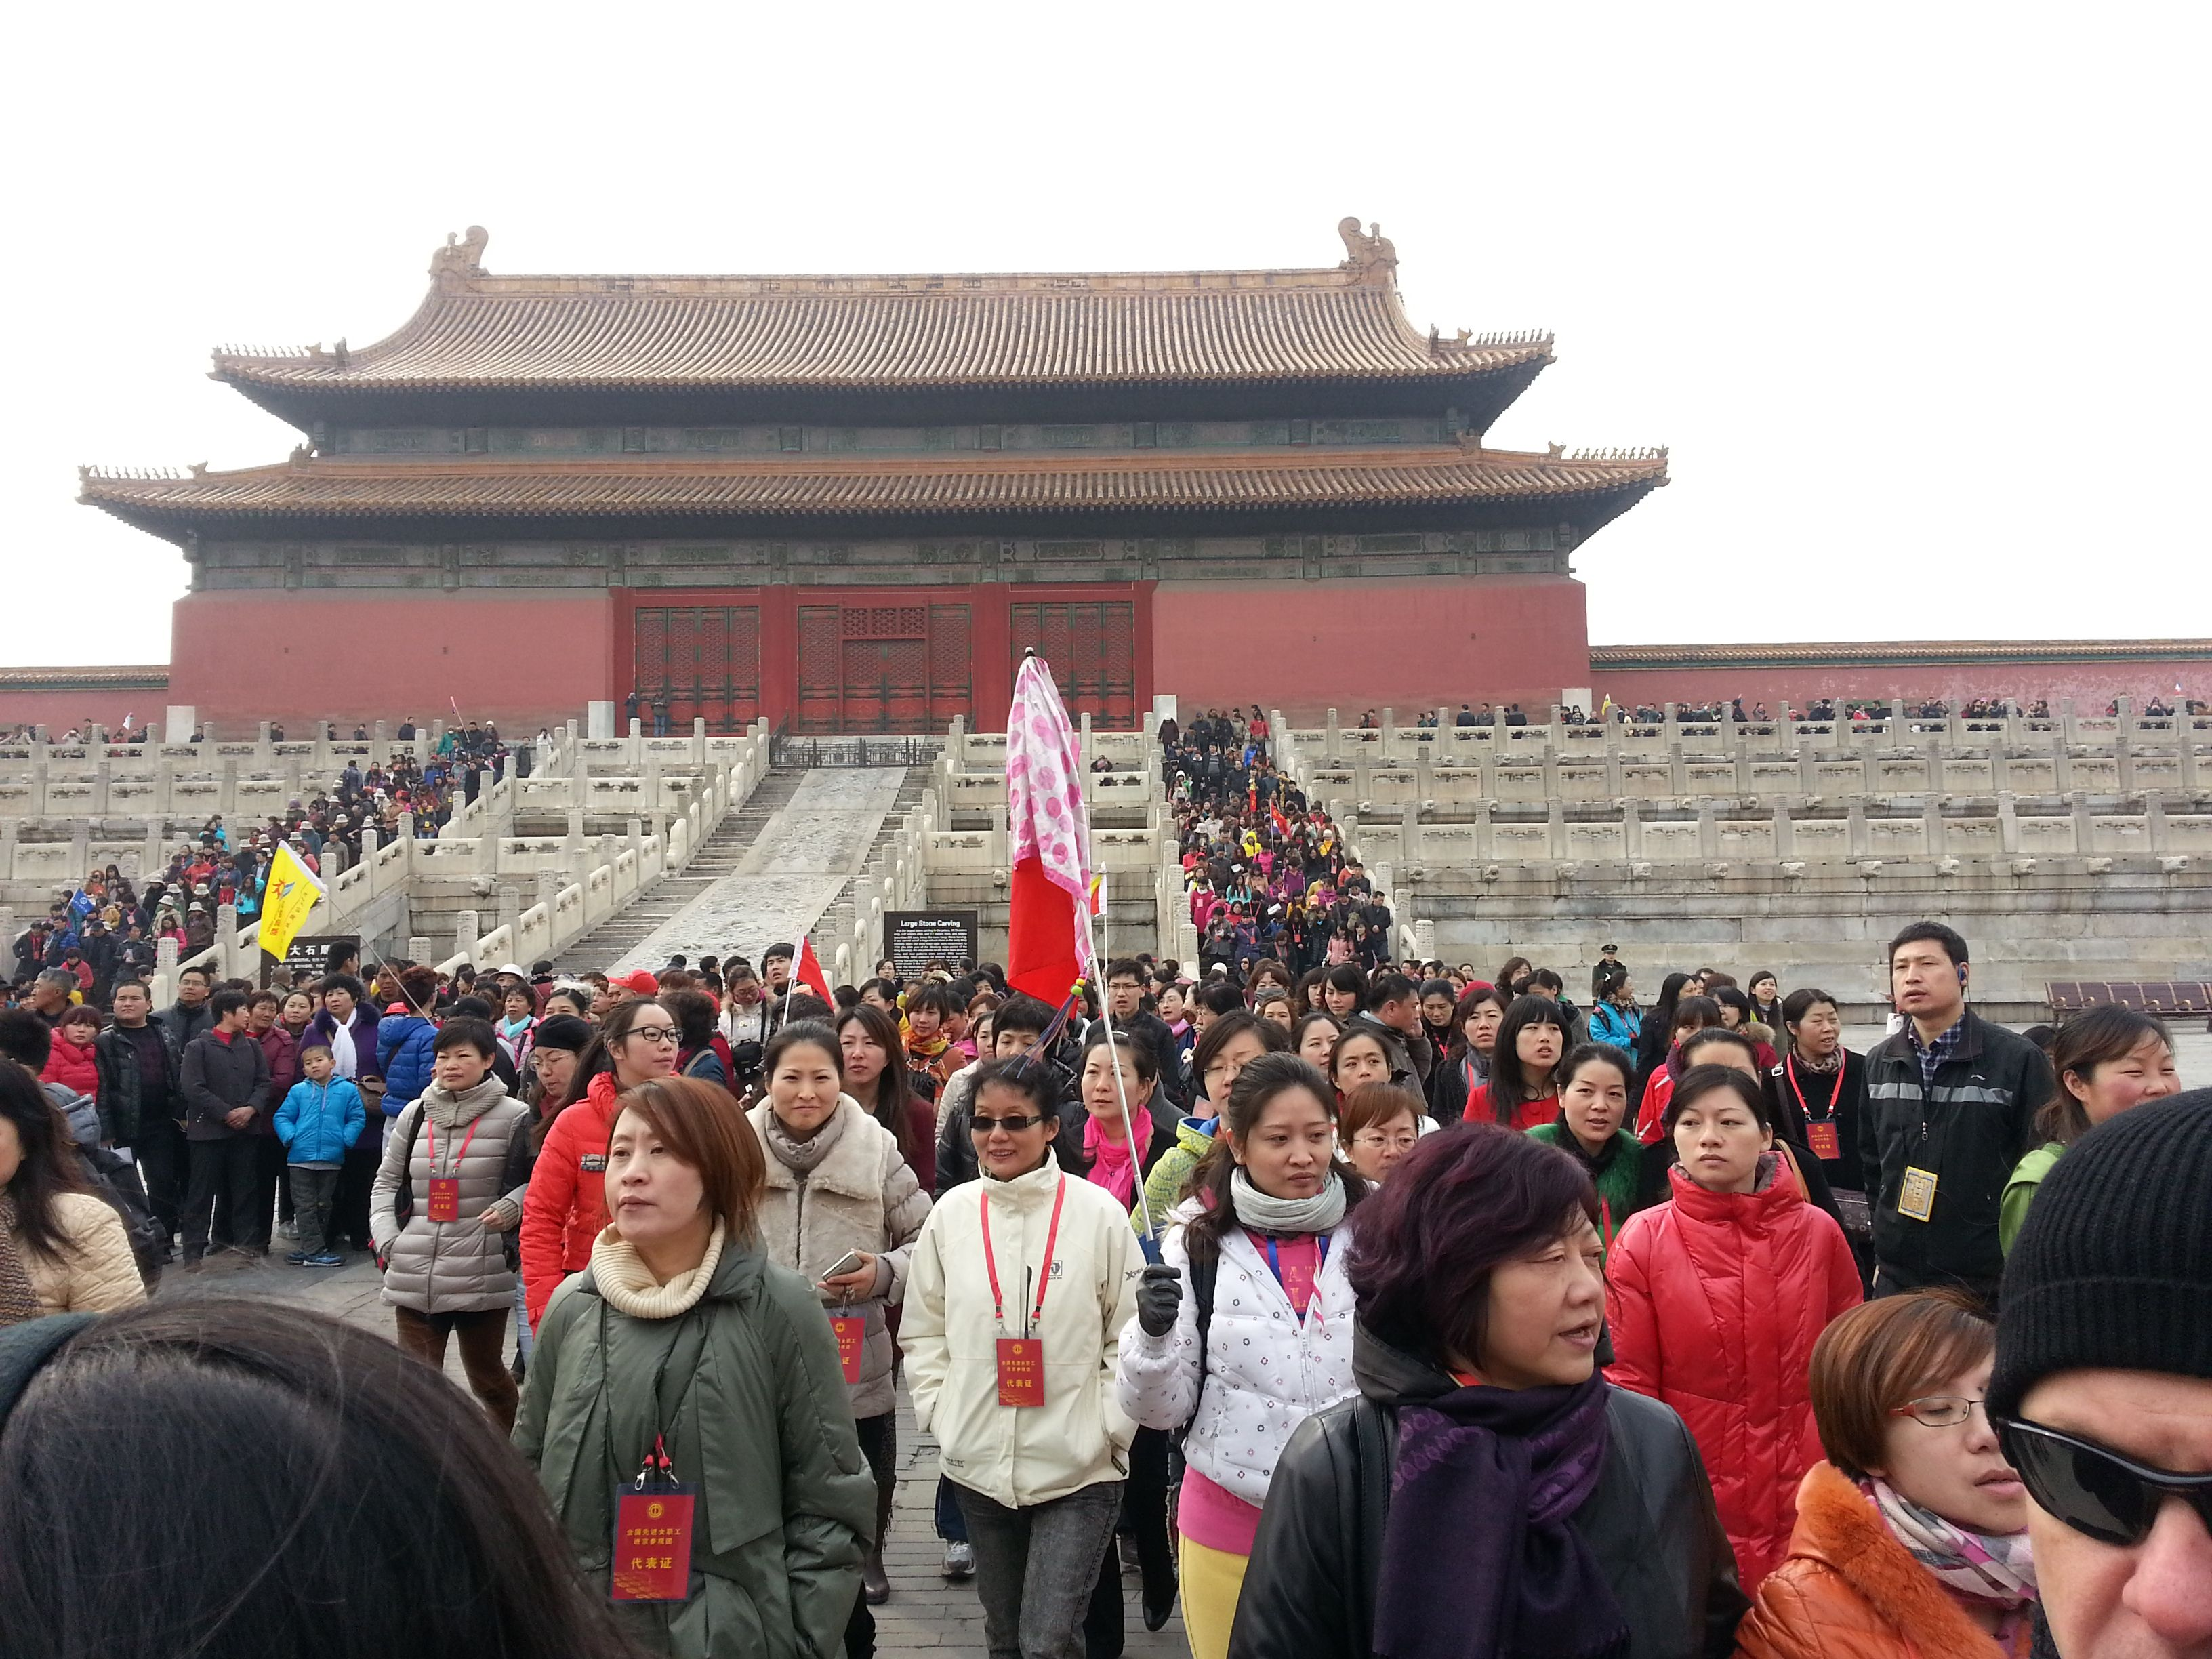 Beijing crowd